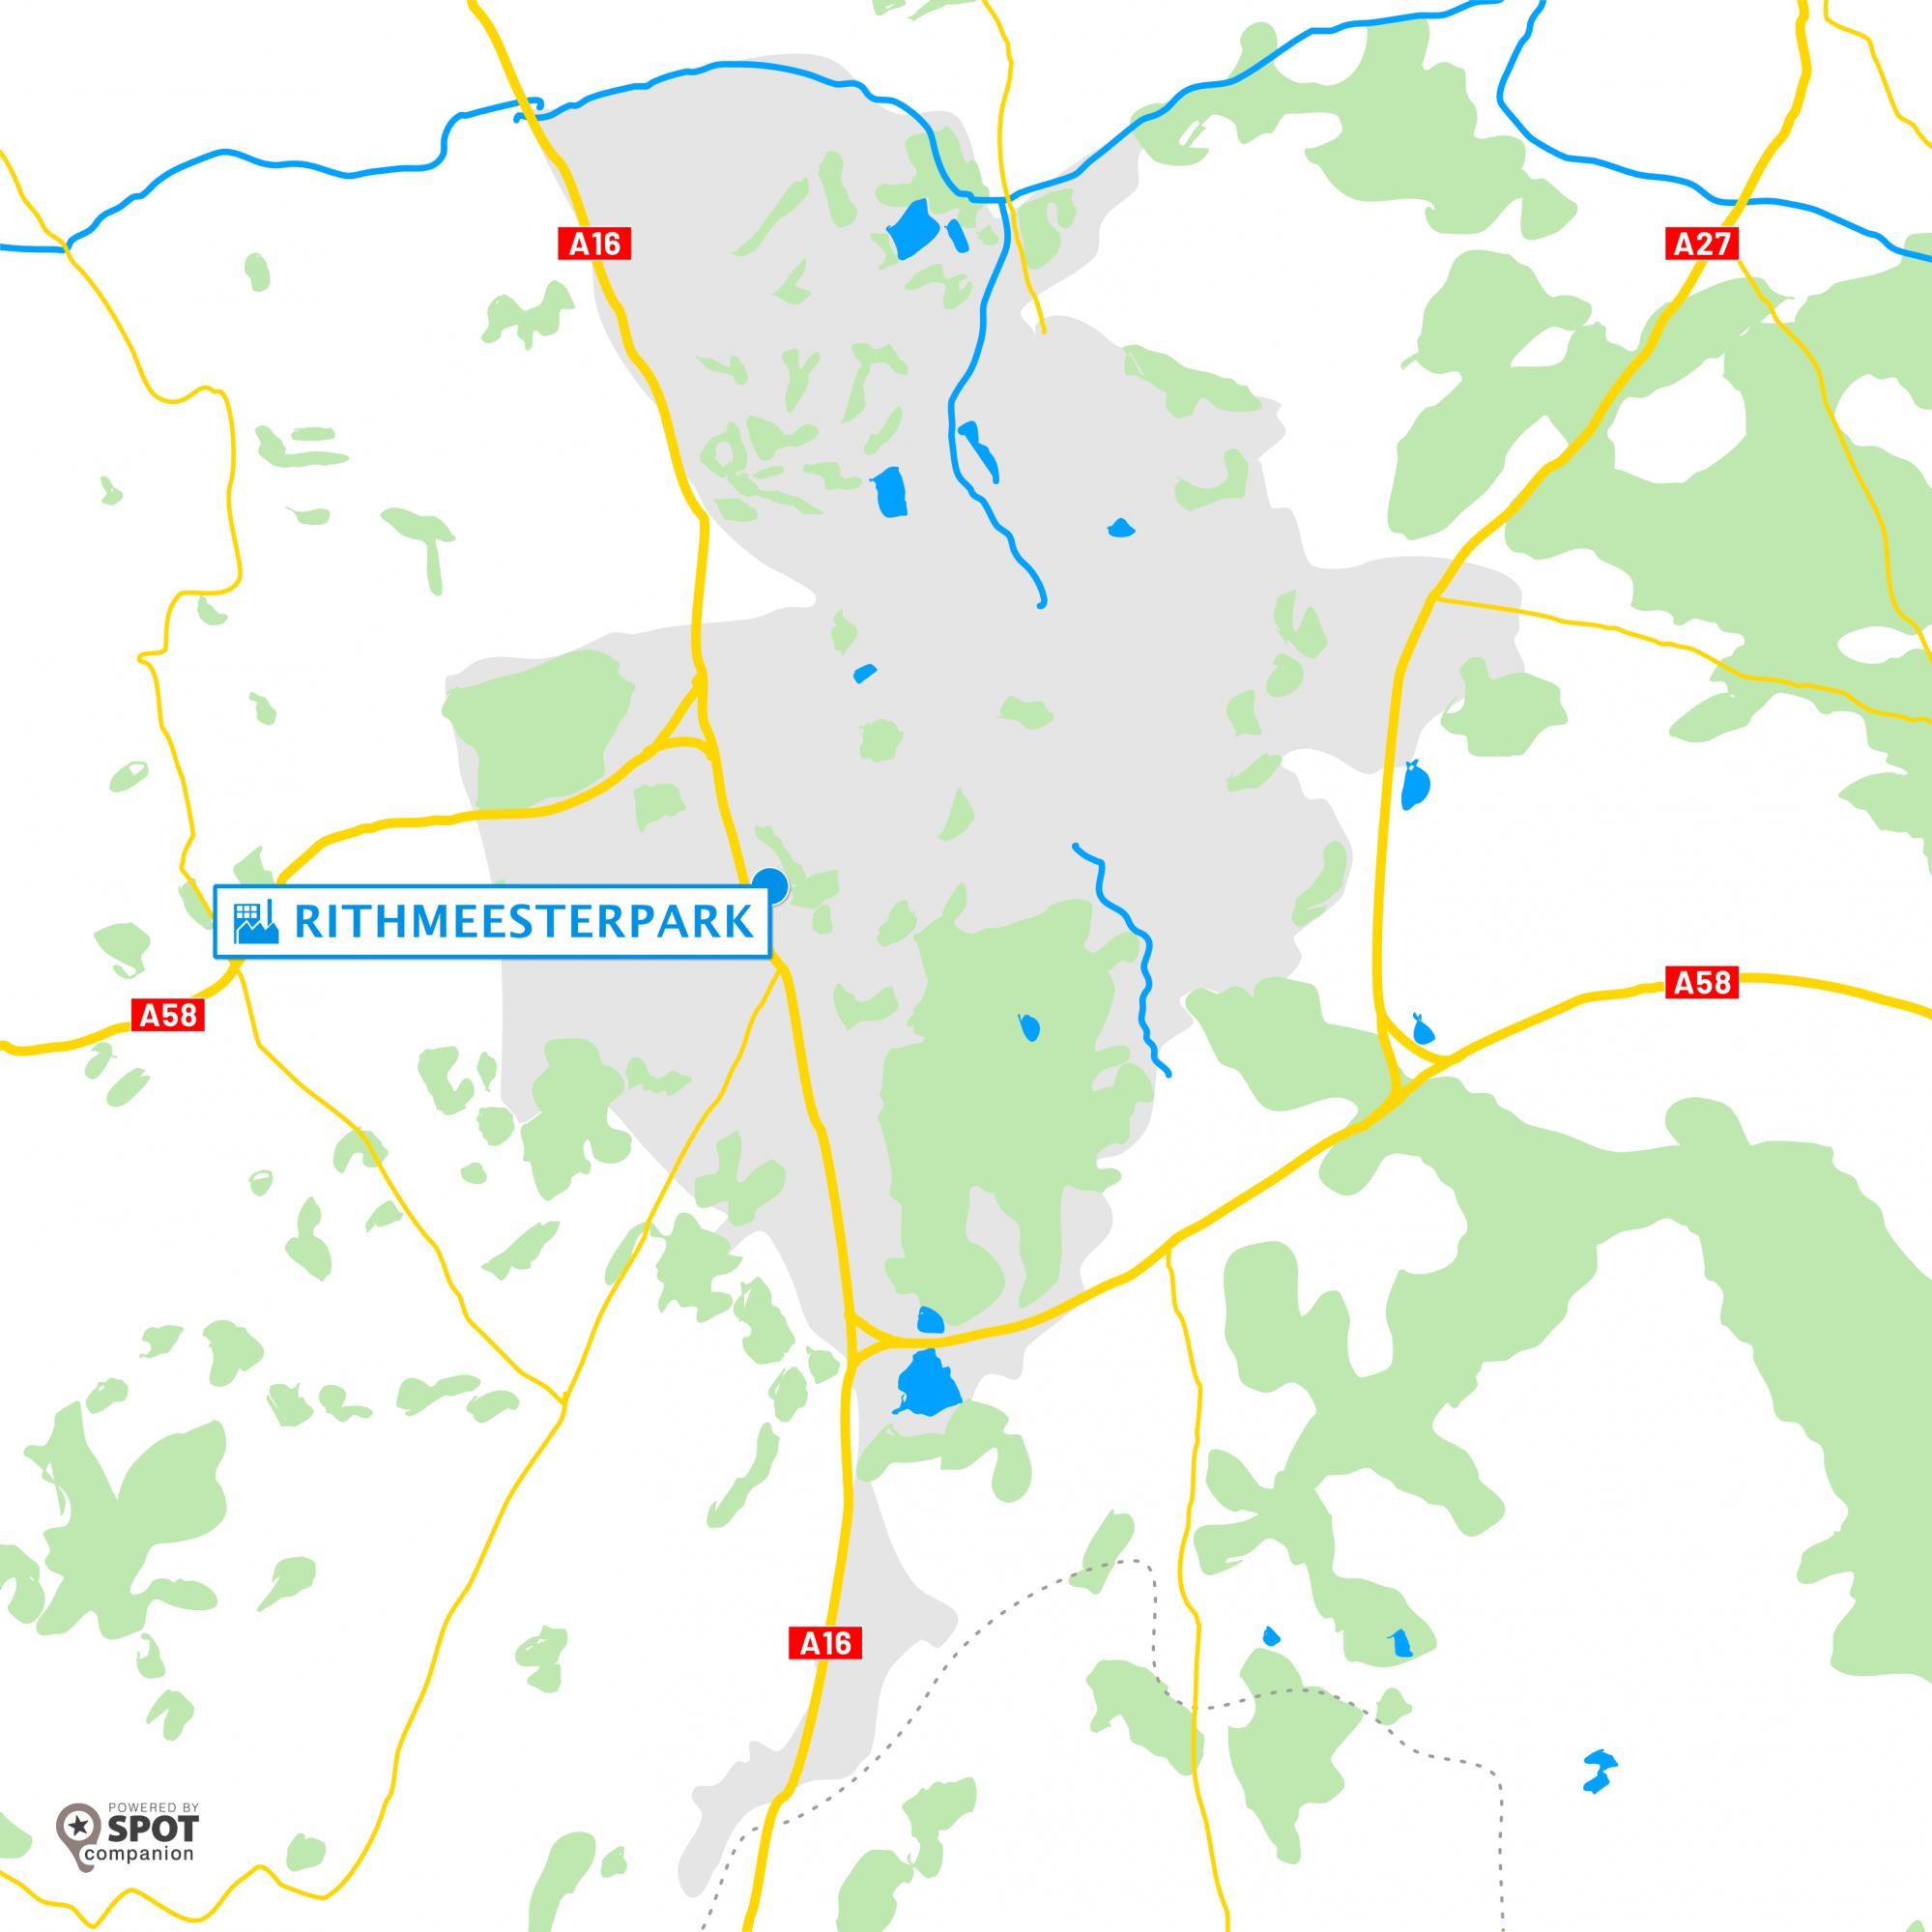 Rithmeesterpark Breda - Werklocatie / Bedrijventerrein